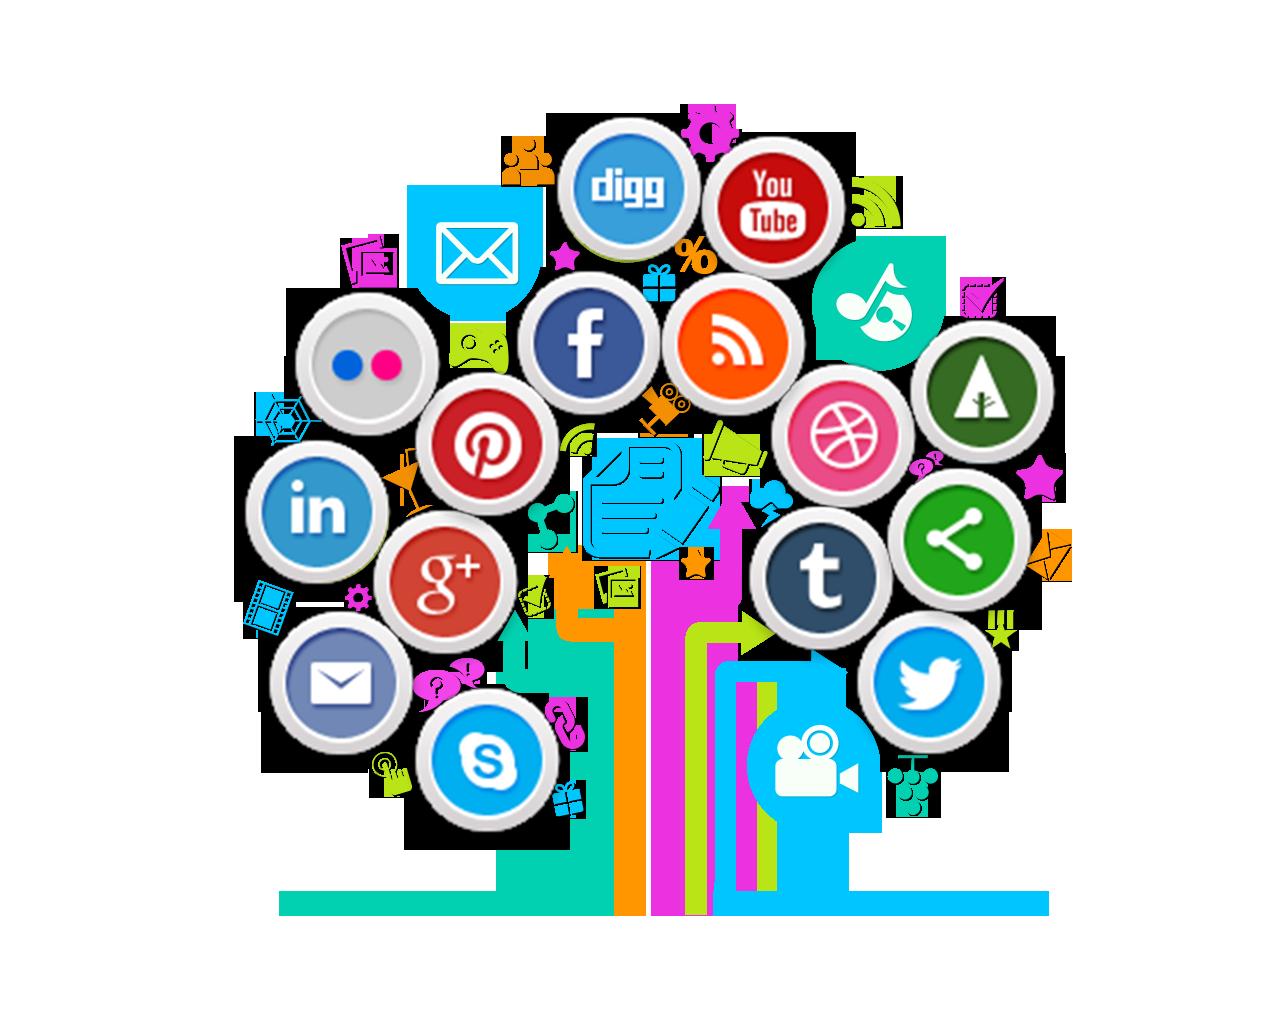 agencia de marketing digital en redes sociales para ongs